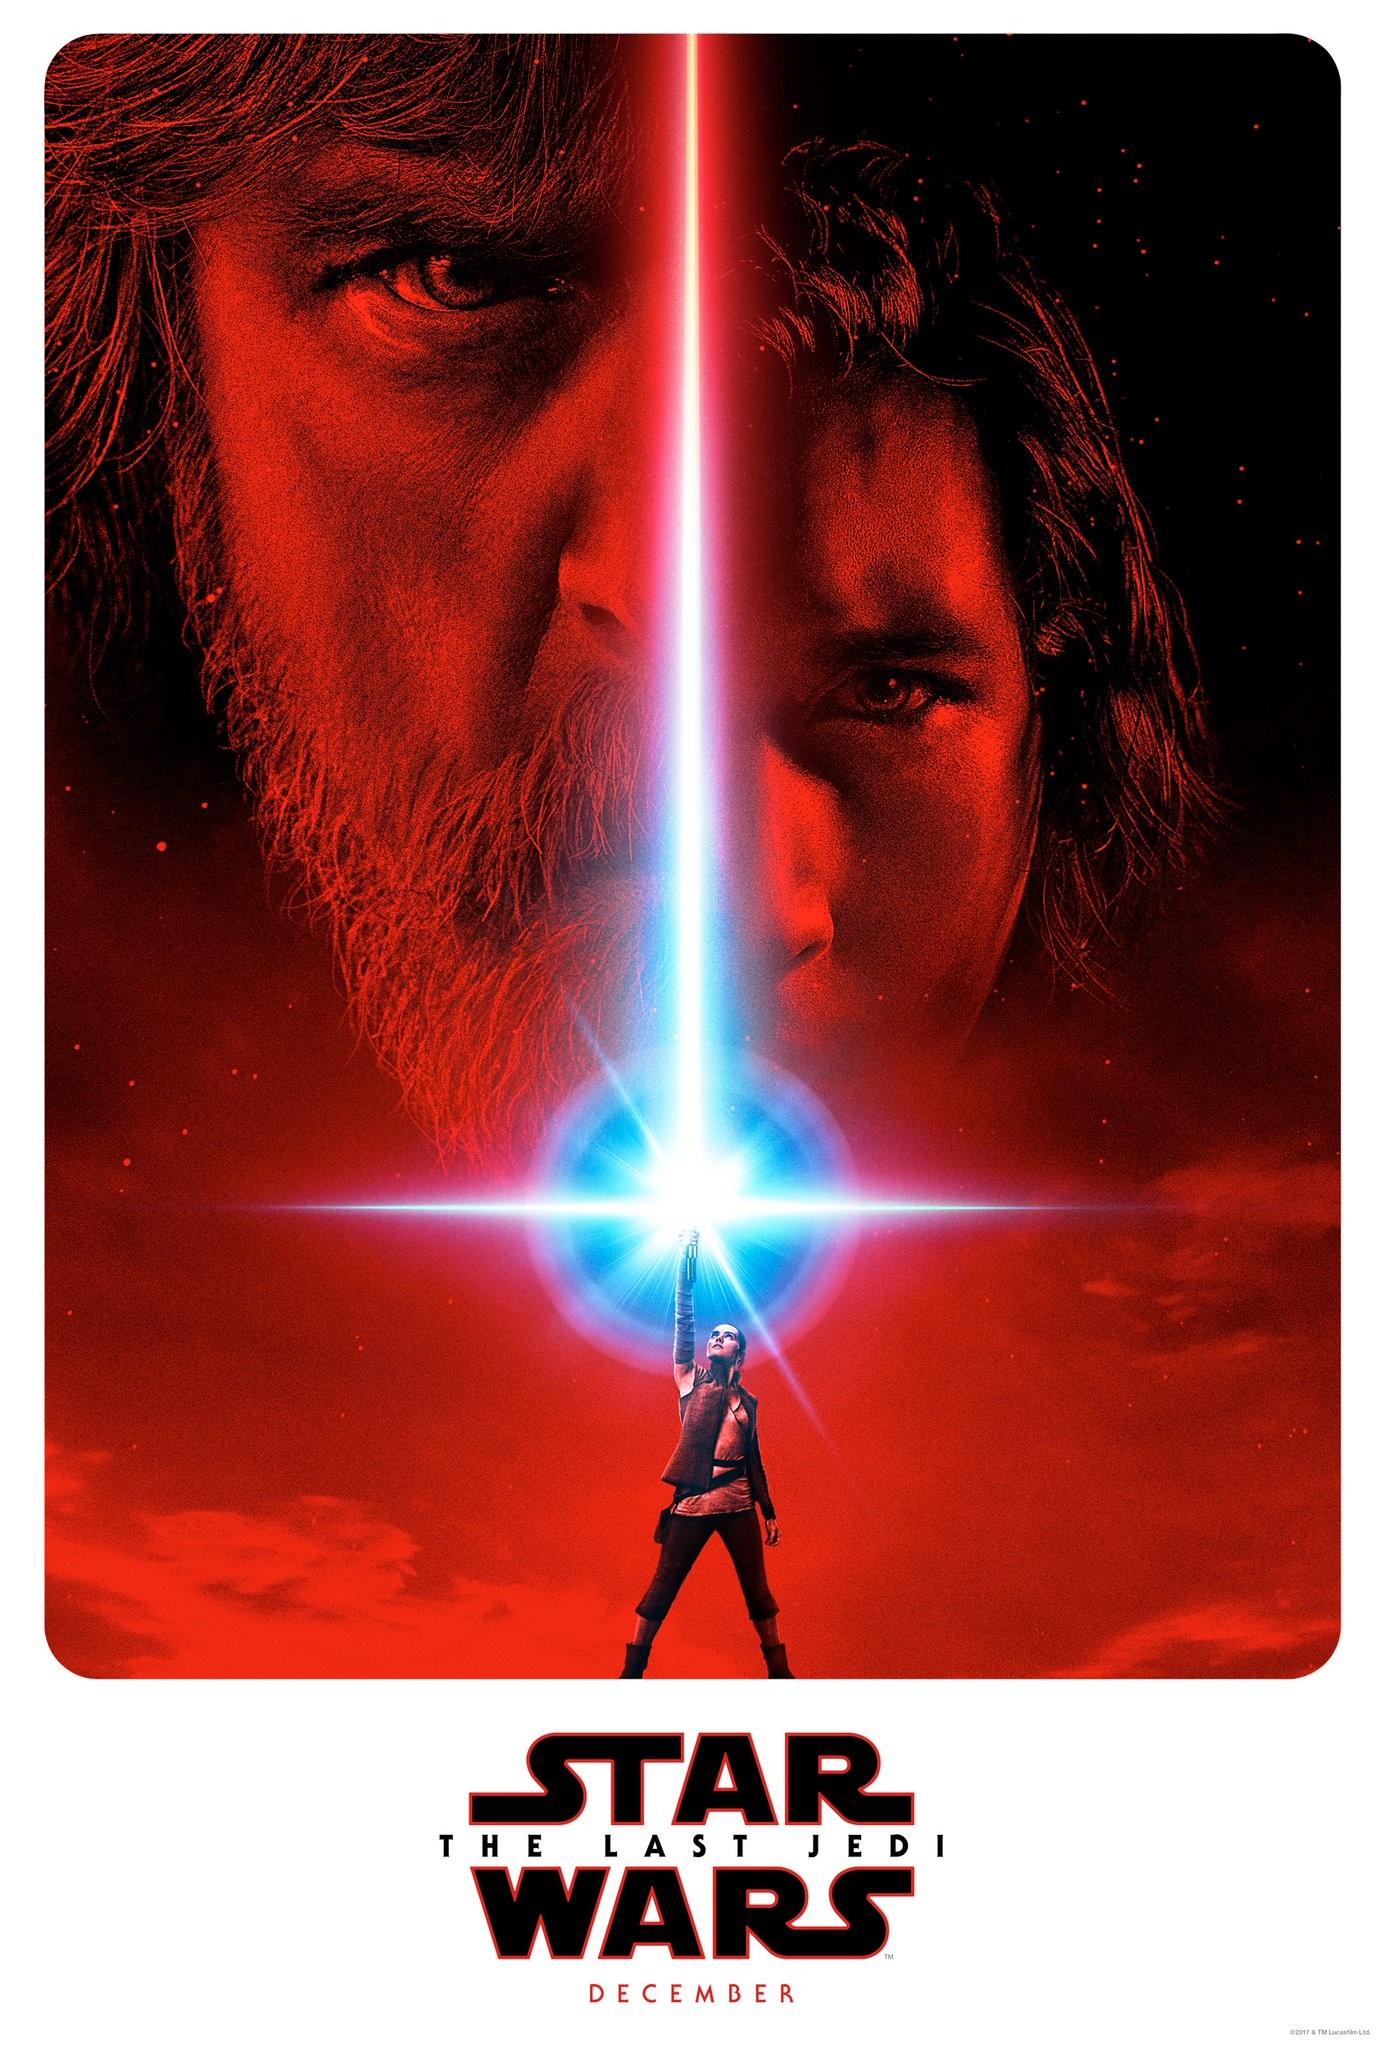 Gwiezne wojny. Ostatni Jedi - oficjalny plakat, data premiery